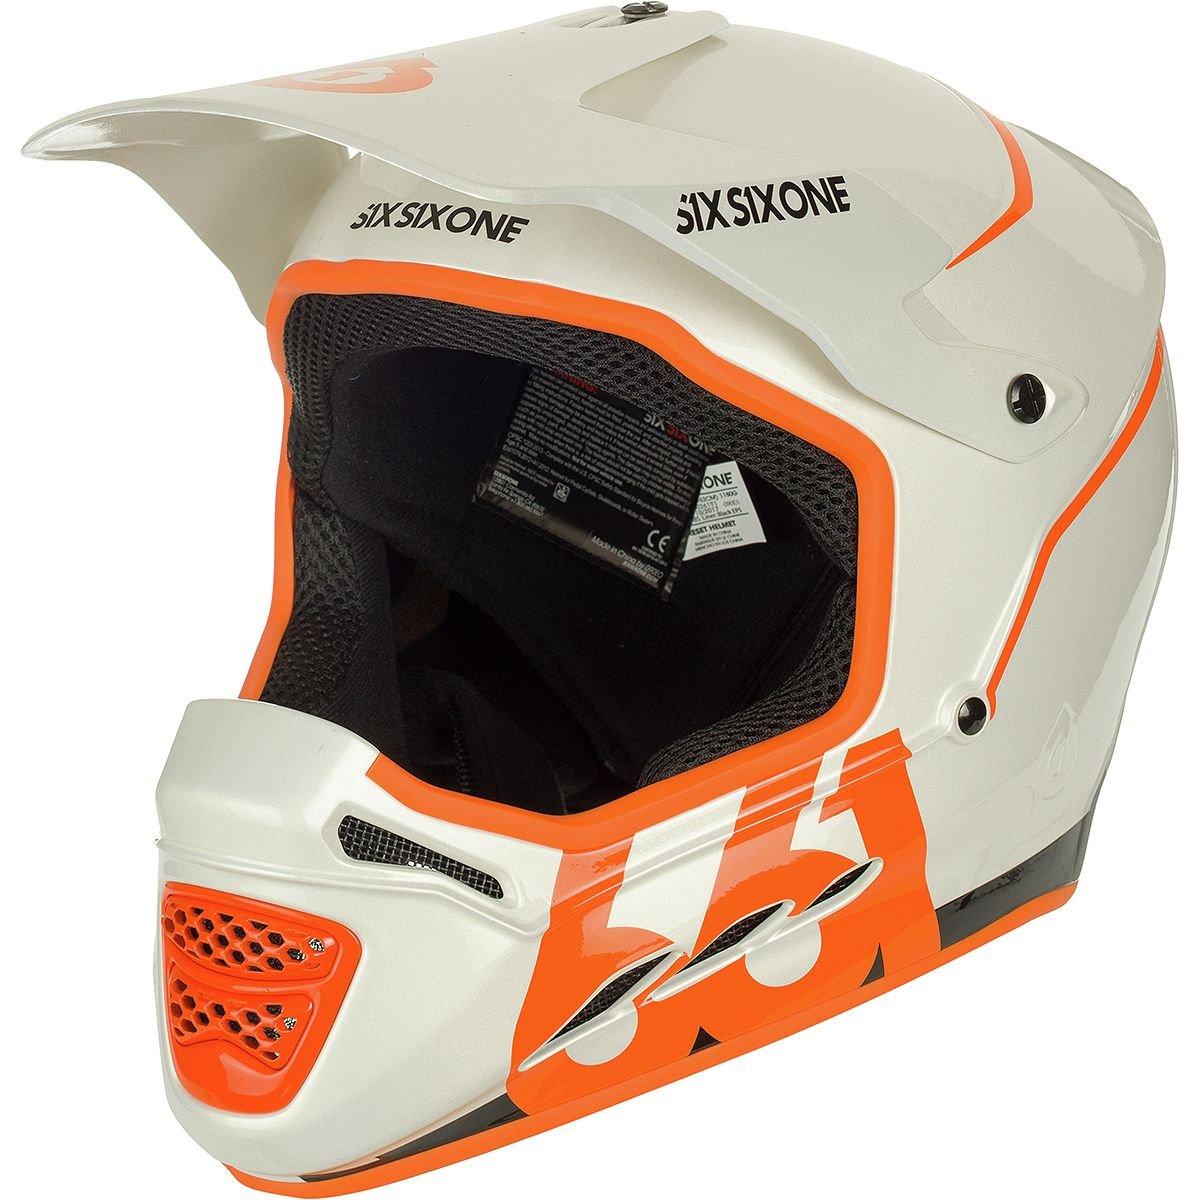 SixSixOne Helm 661 Reset Tropic Orange 2018